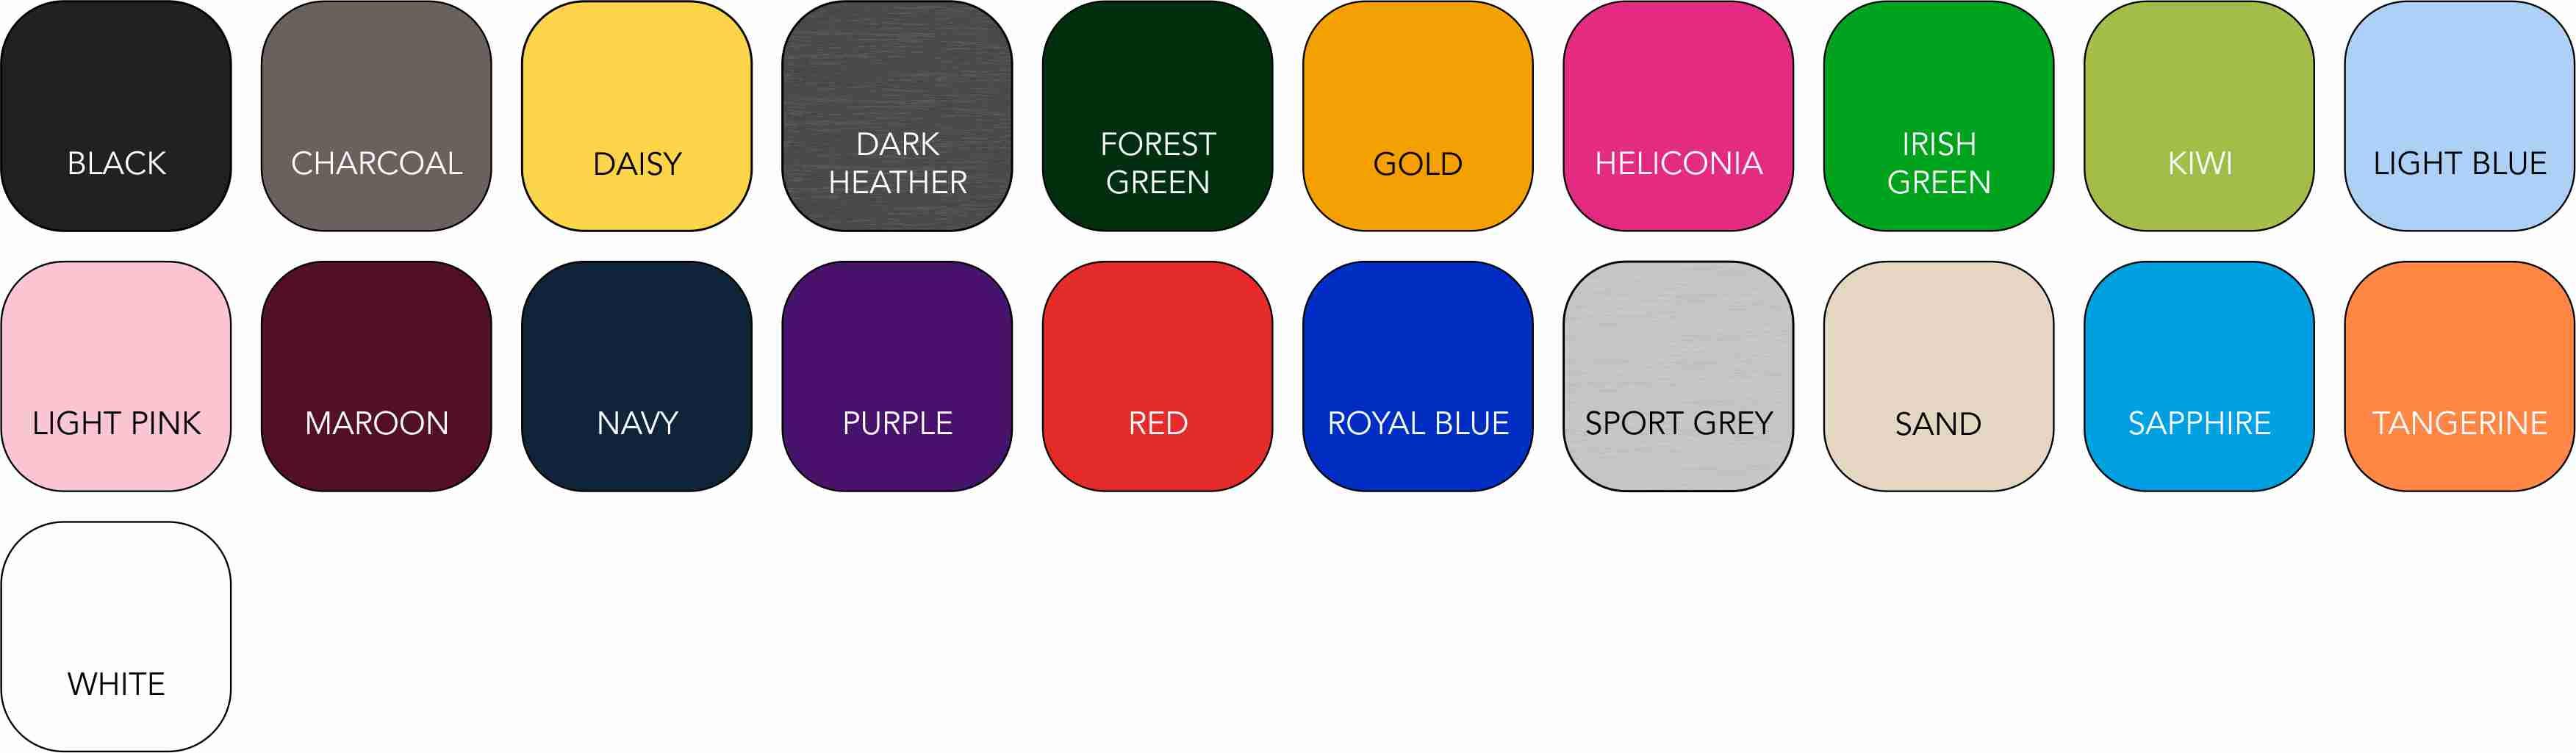 GD042 Unisex Colour Range